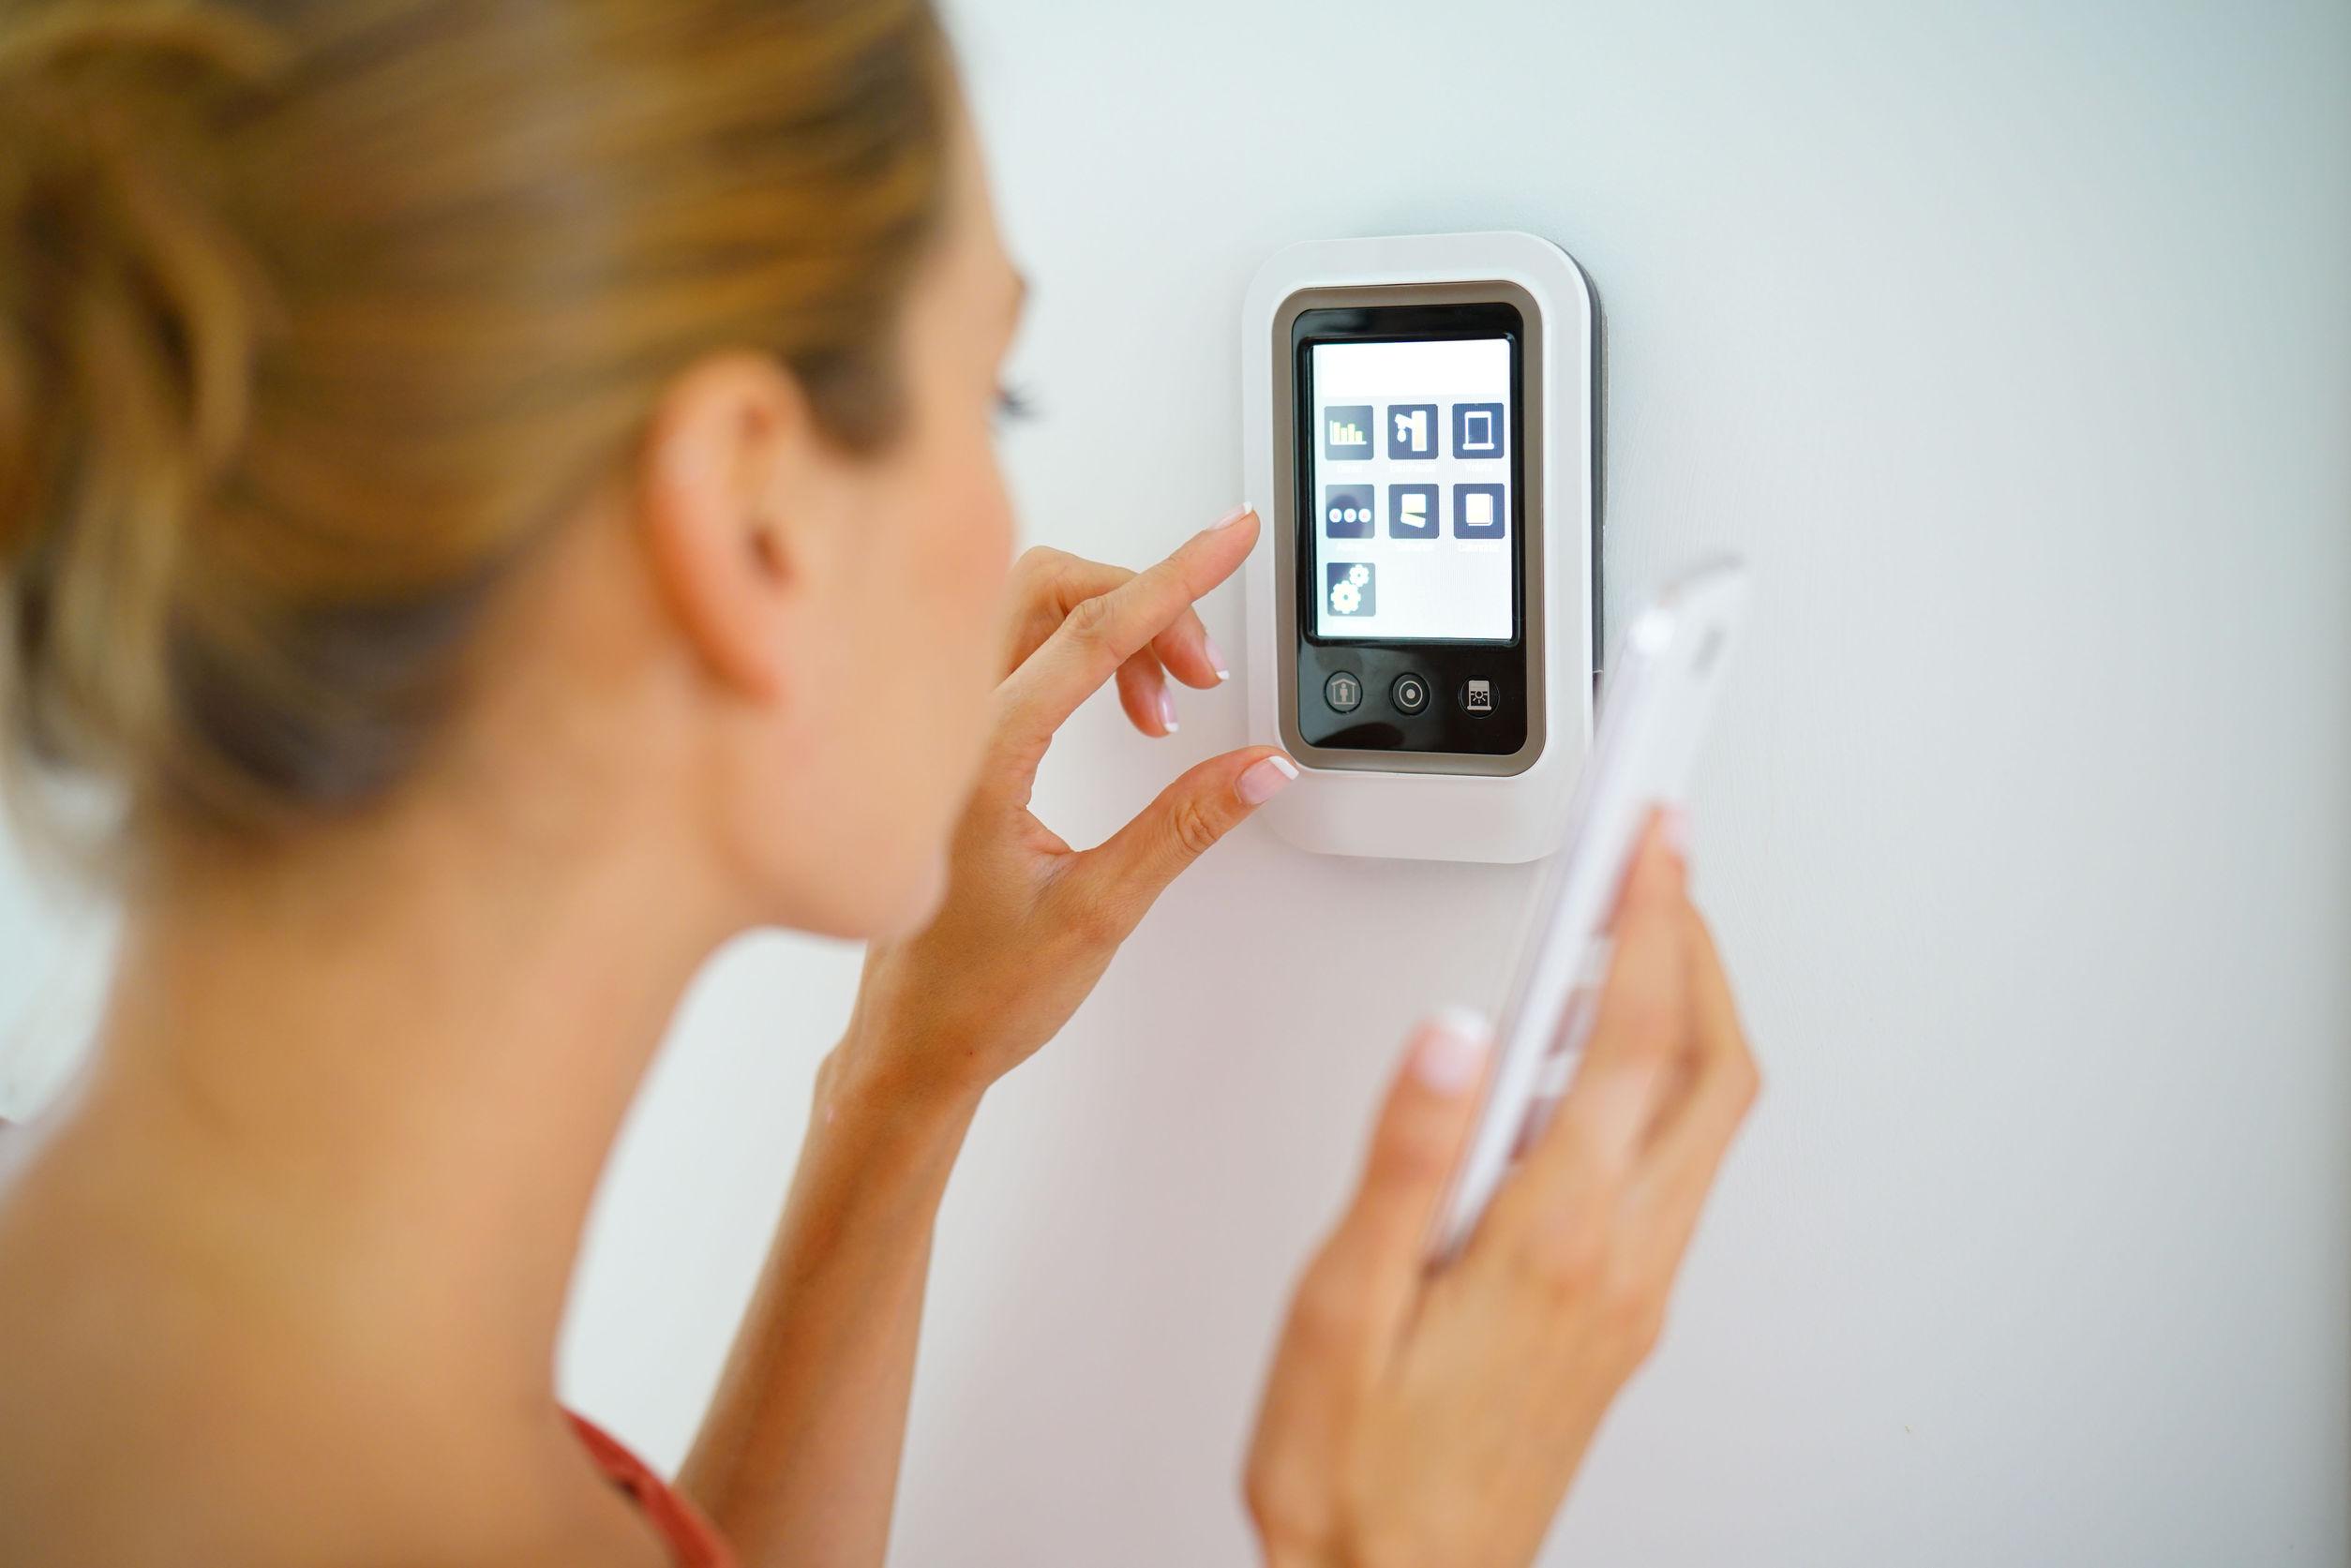 Bosch Smart Home Controller: Test & Empfehlungen (08/20)